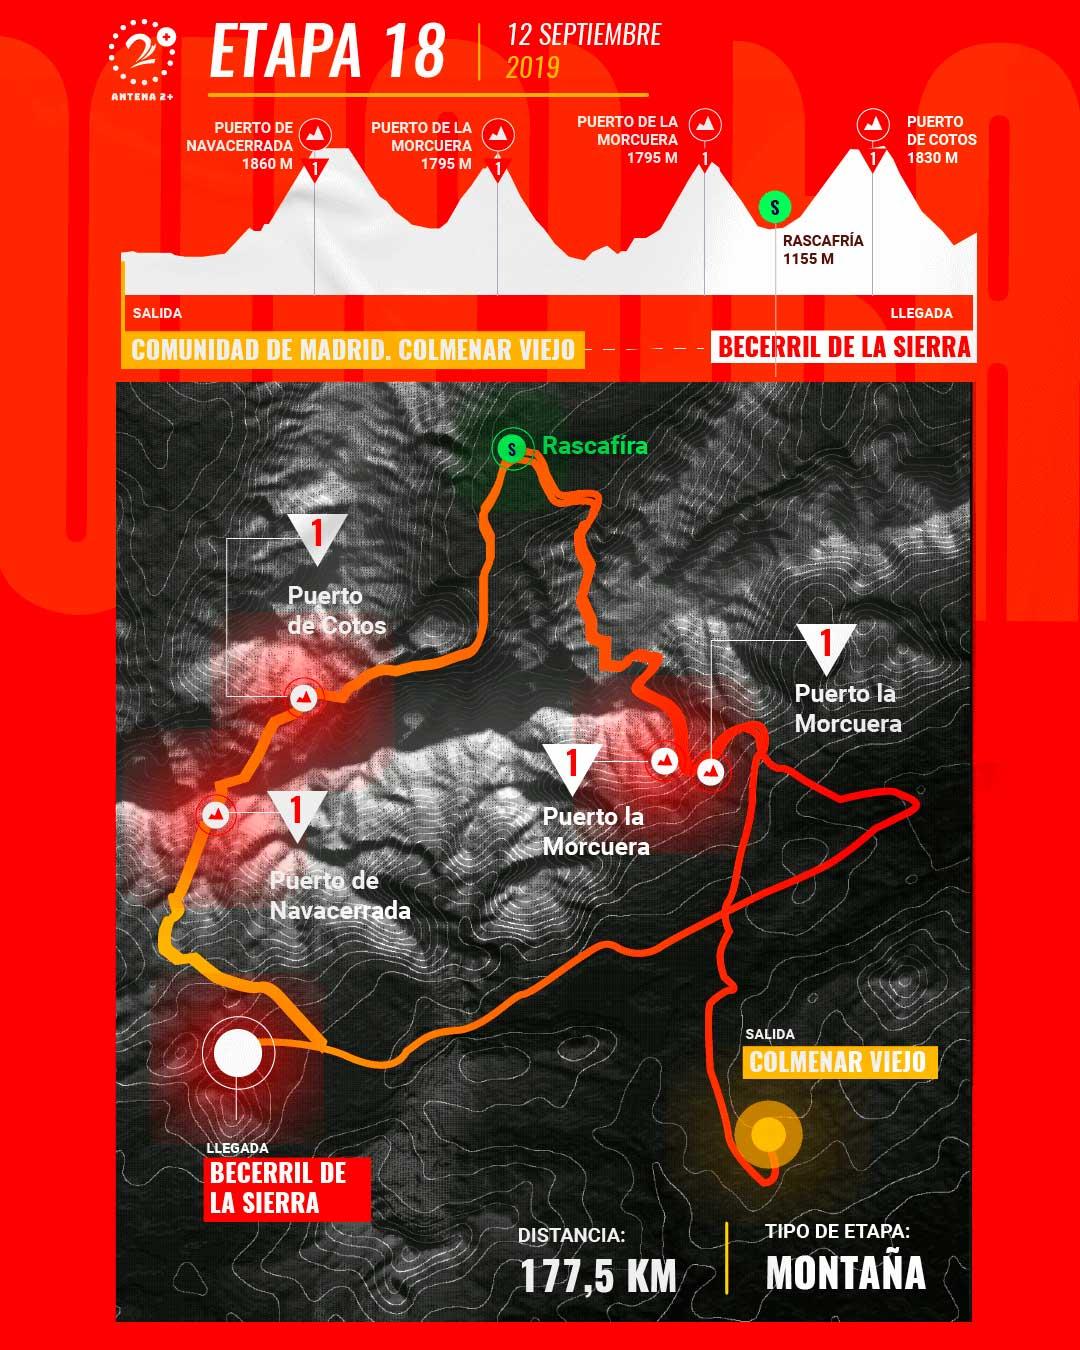 Etapa 18, Vuelta a España 2019